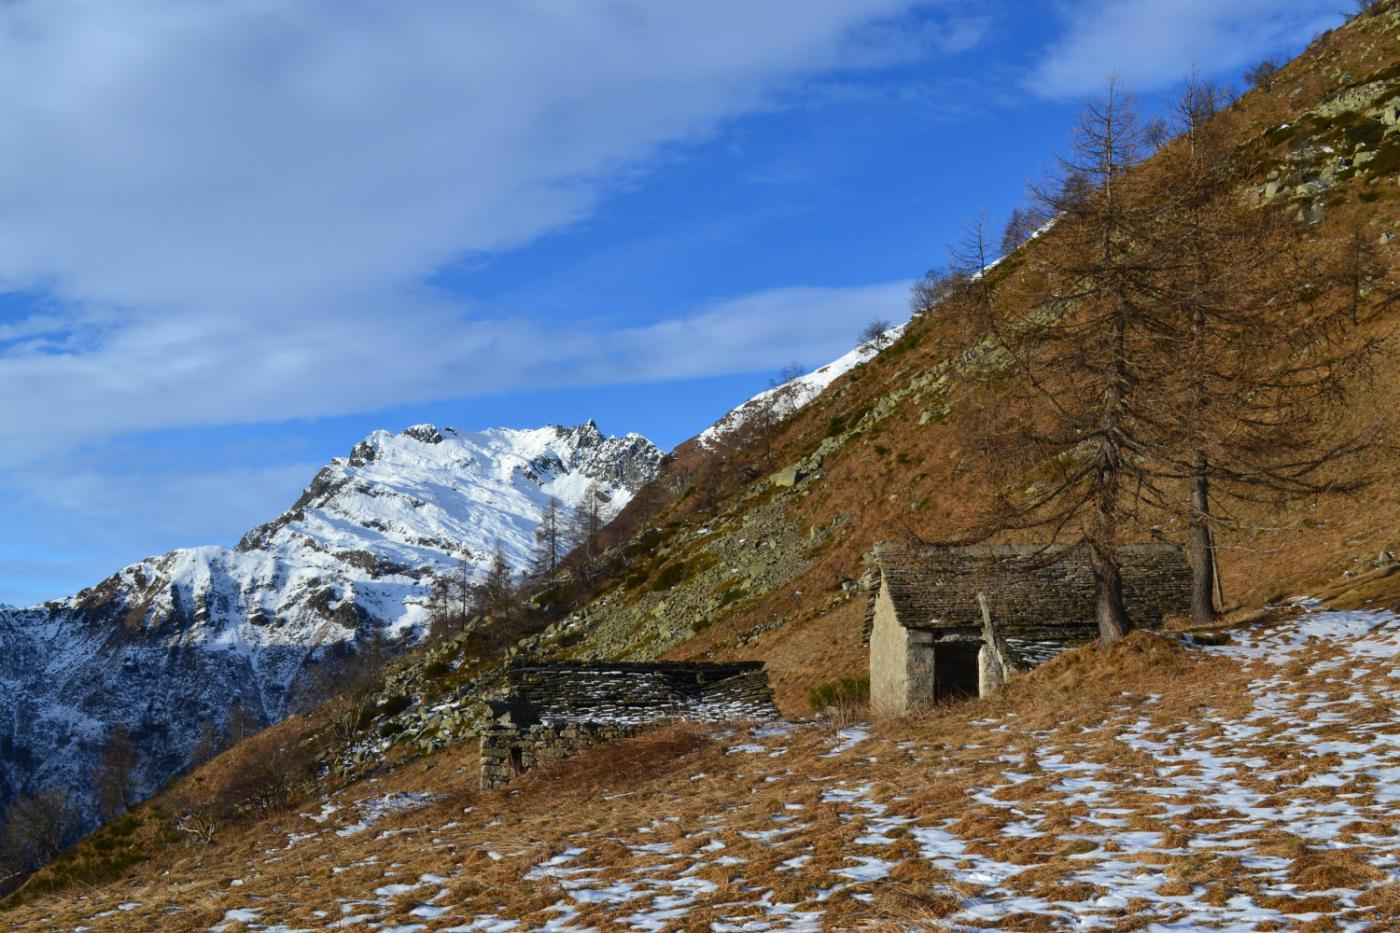 alpeggio in prossimità del colle e Pizzo Ciapè sullo sfondo